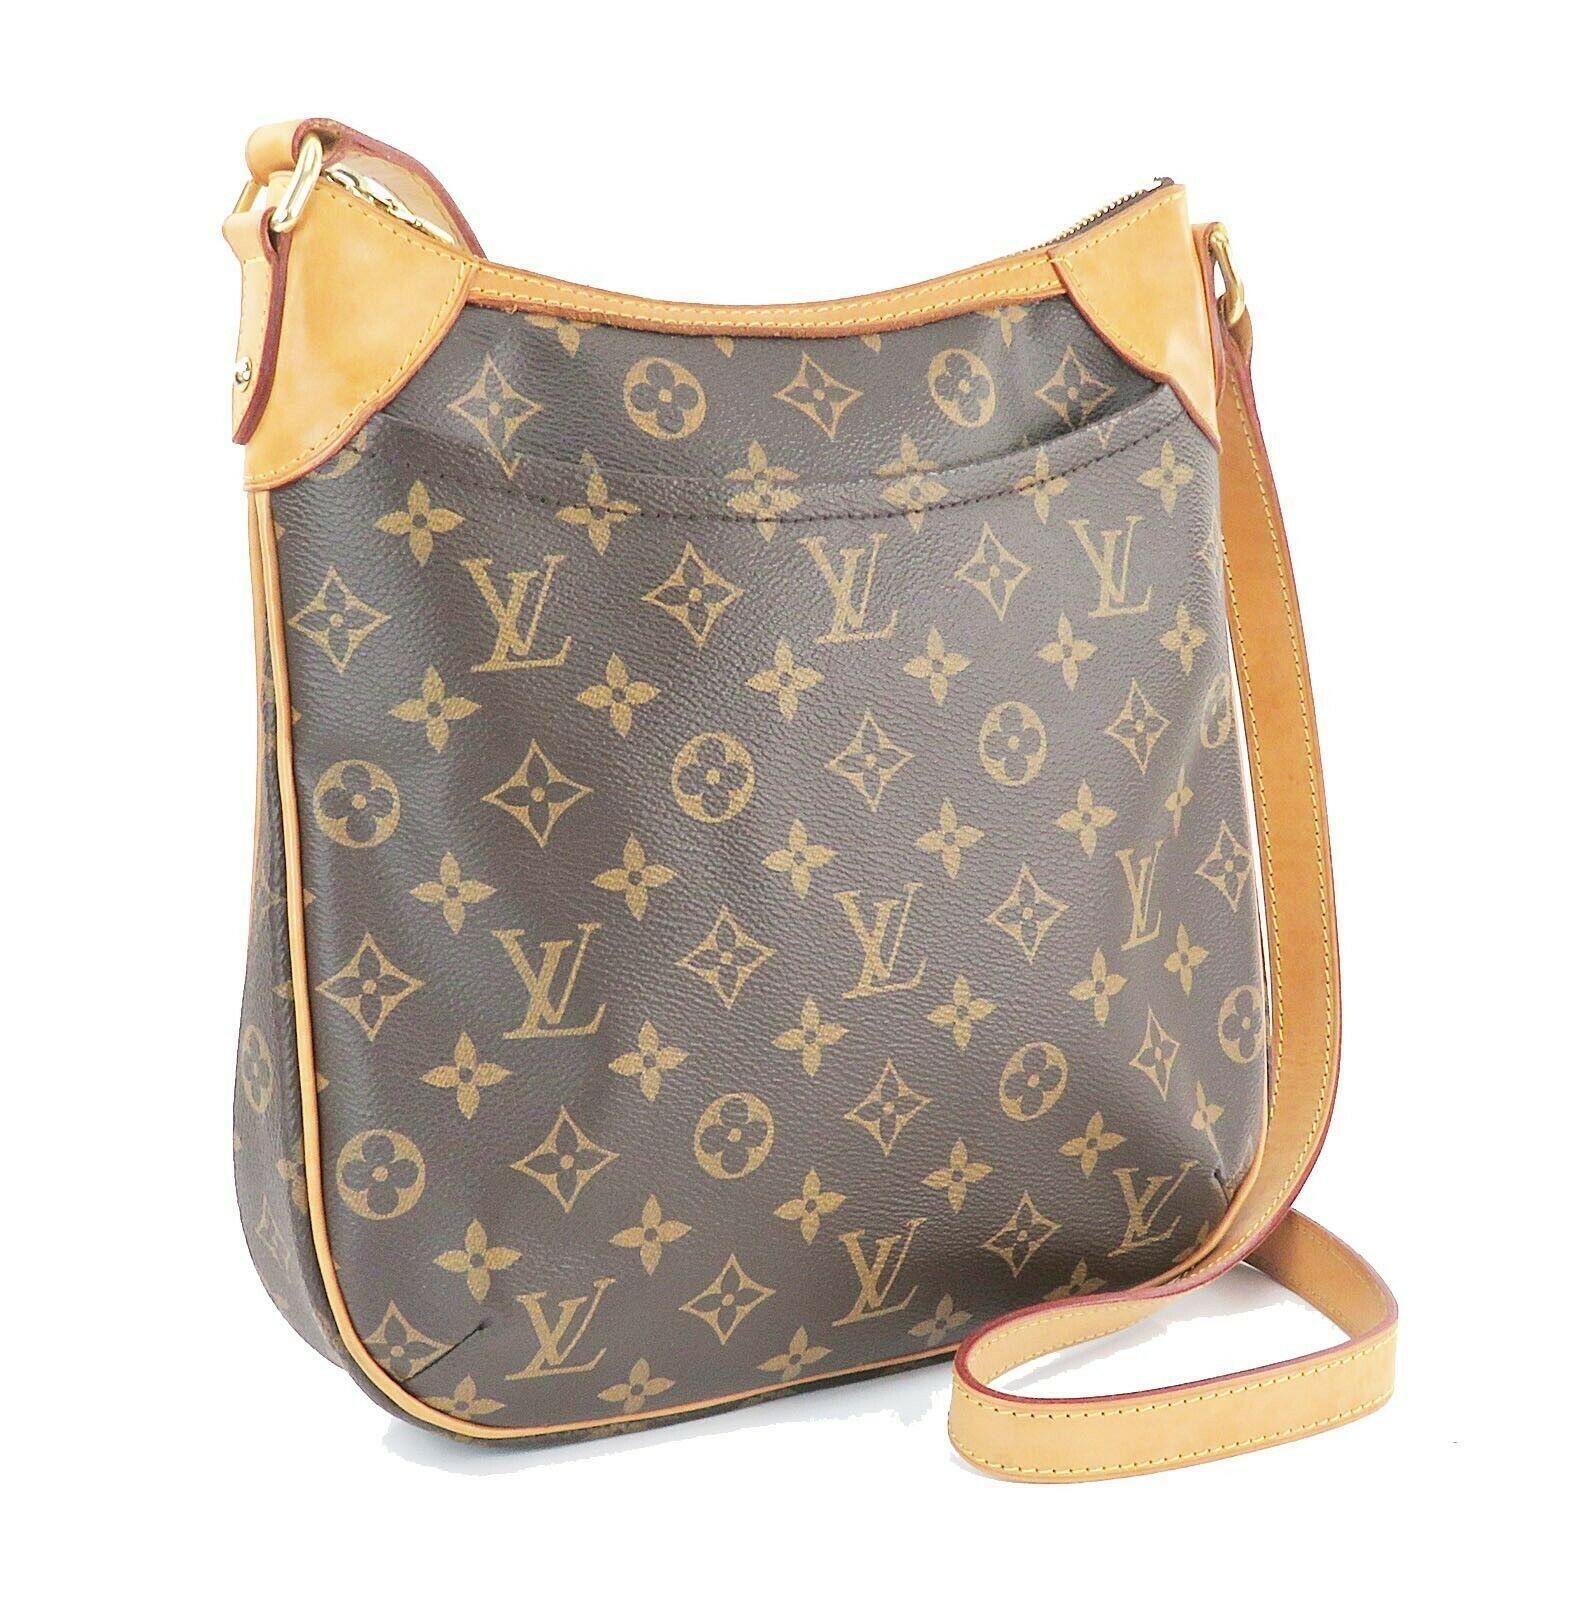 Authentic LOUIS VUITTON Odeon PM Monogram Shoulder Tote Bag Purse #32145 image 3